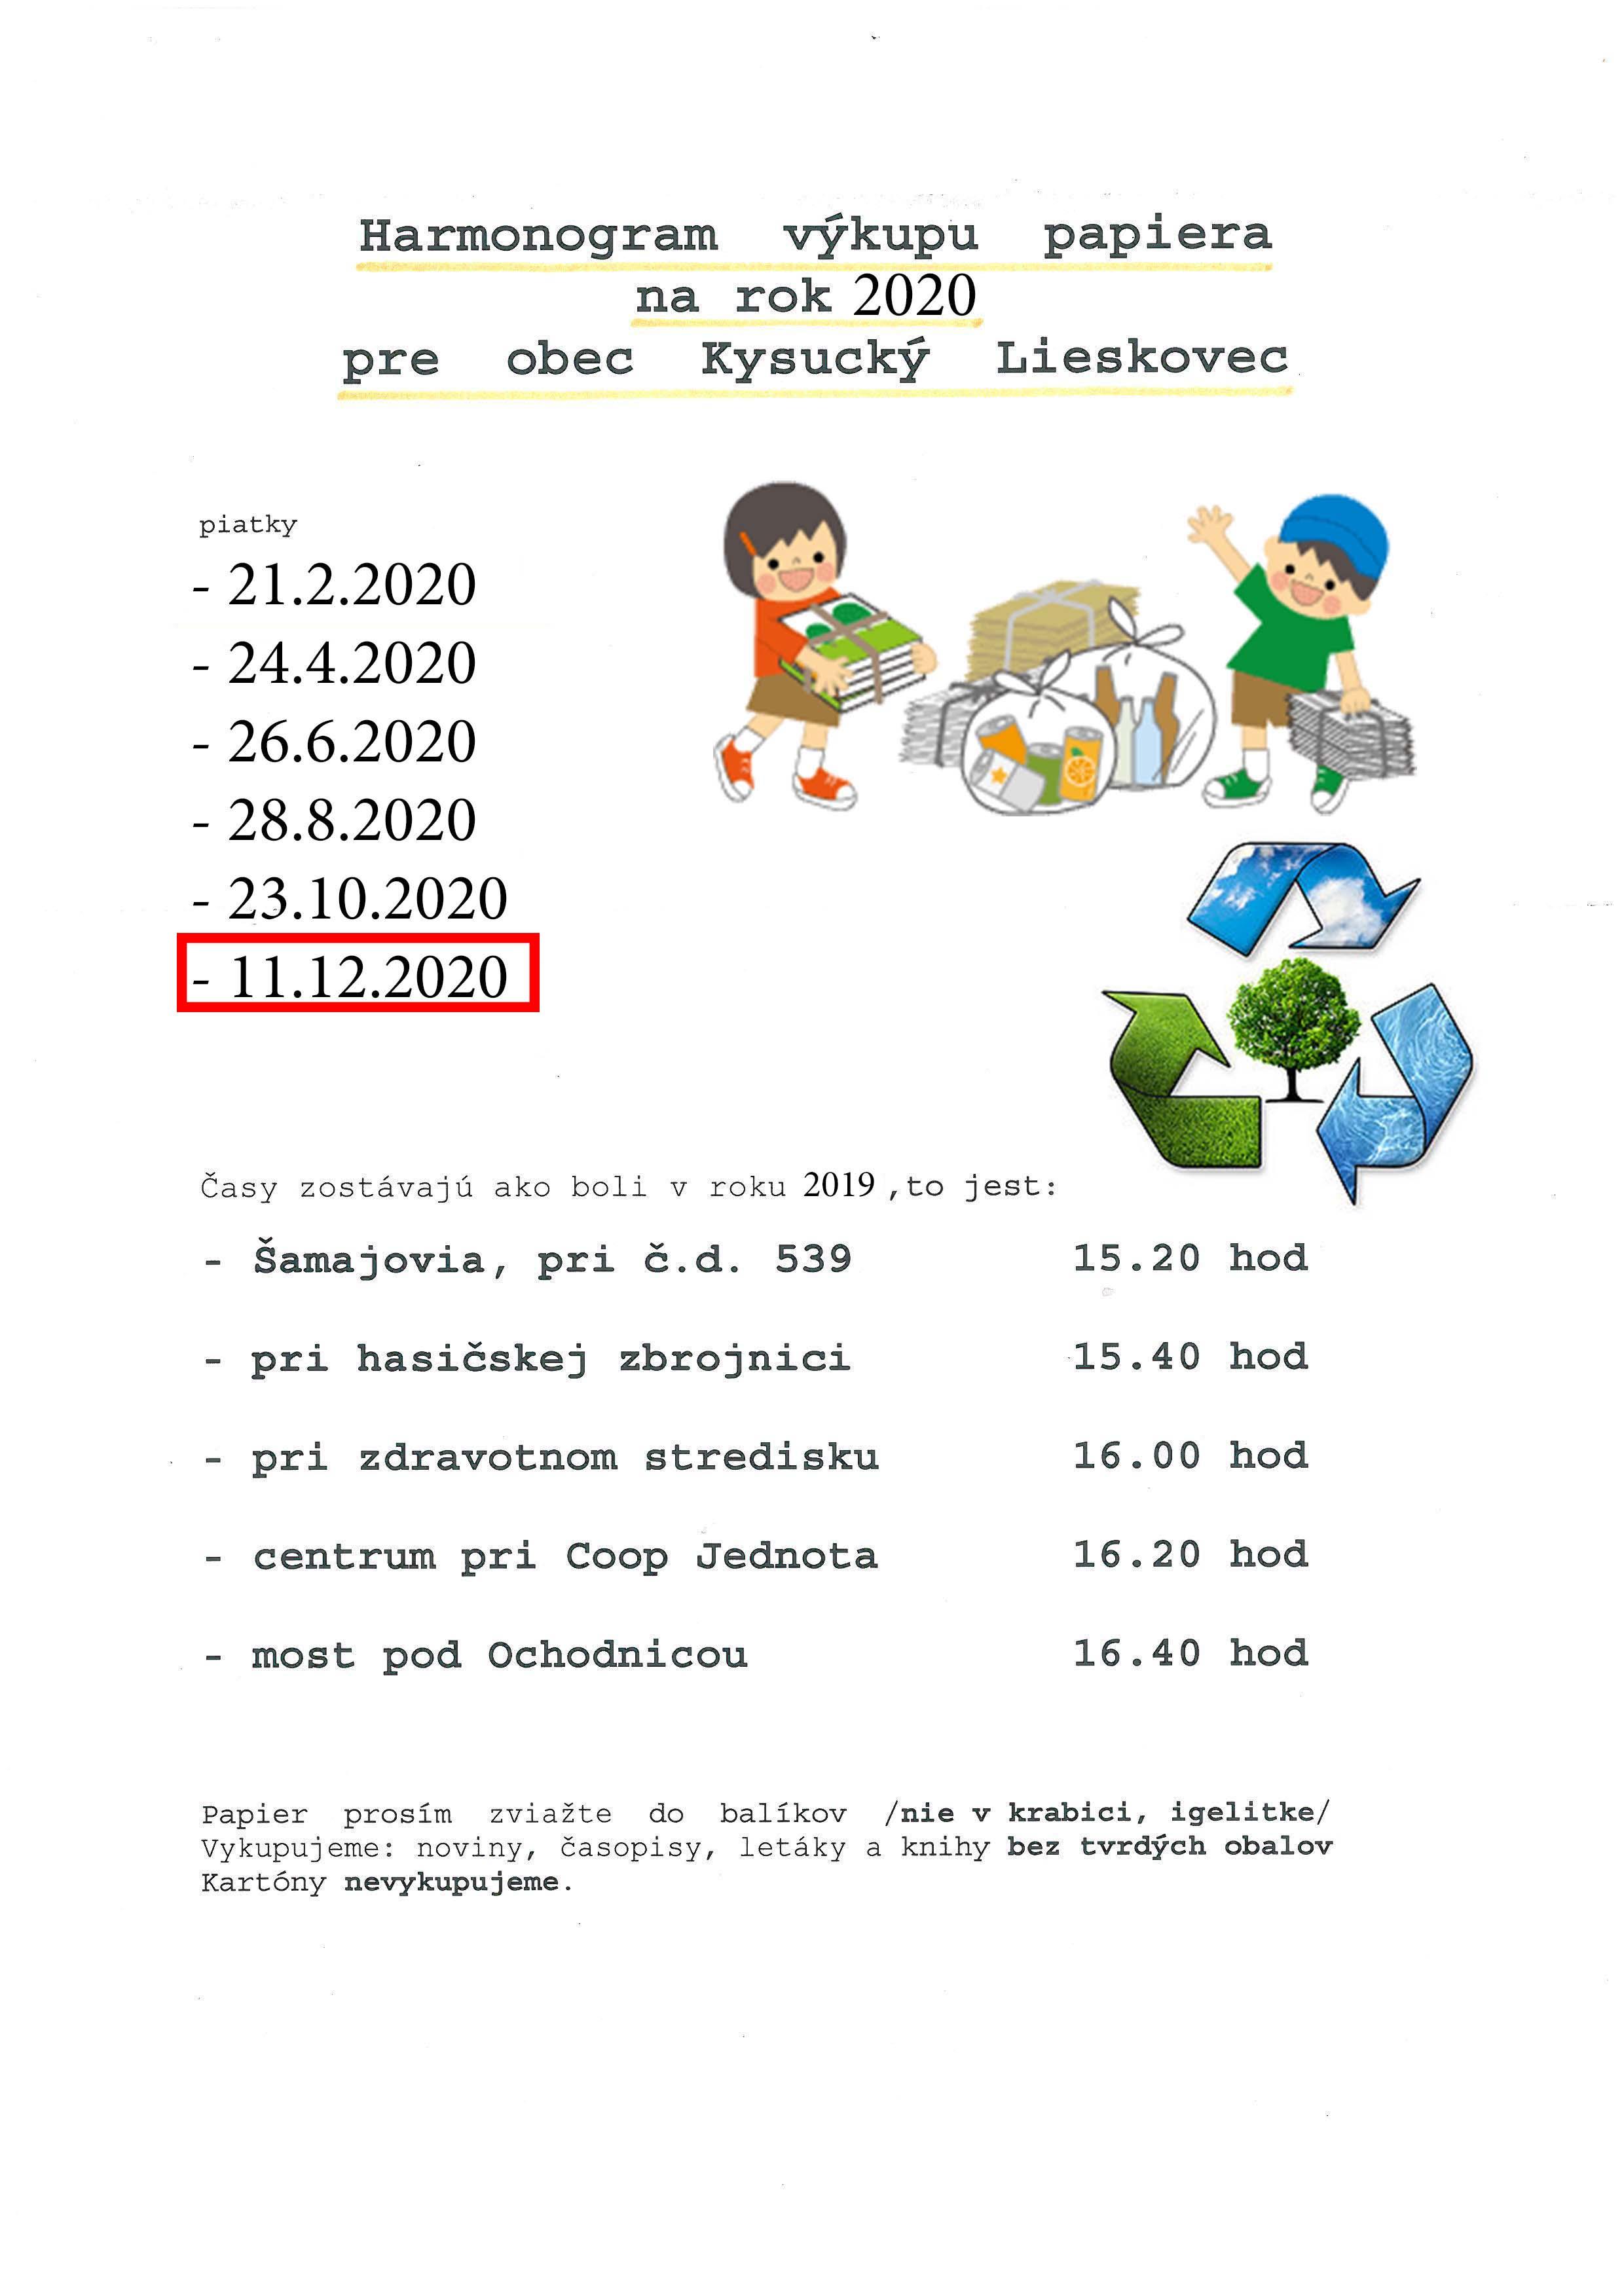 Výkup papiera sa uskutoční 11.12.2020